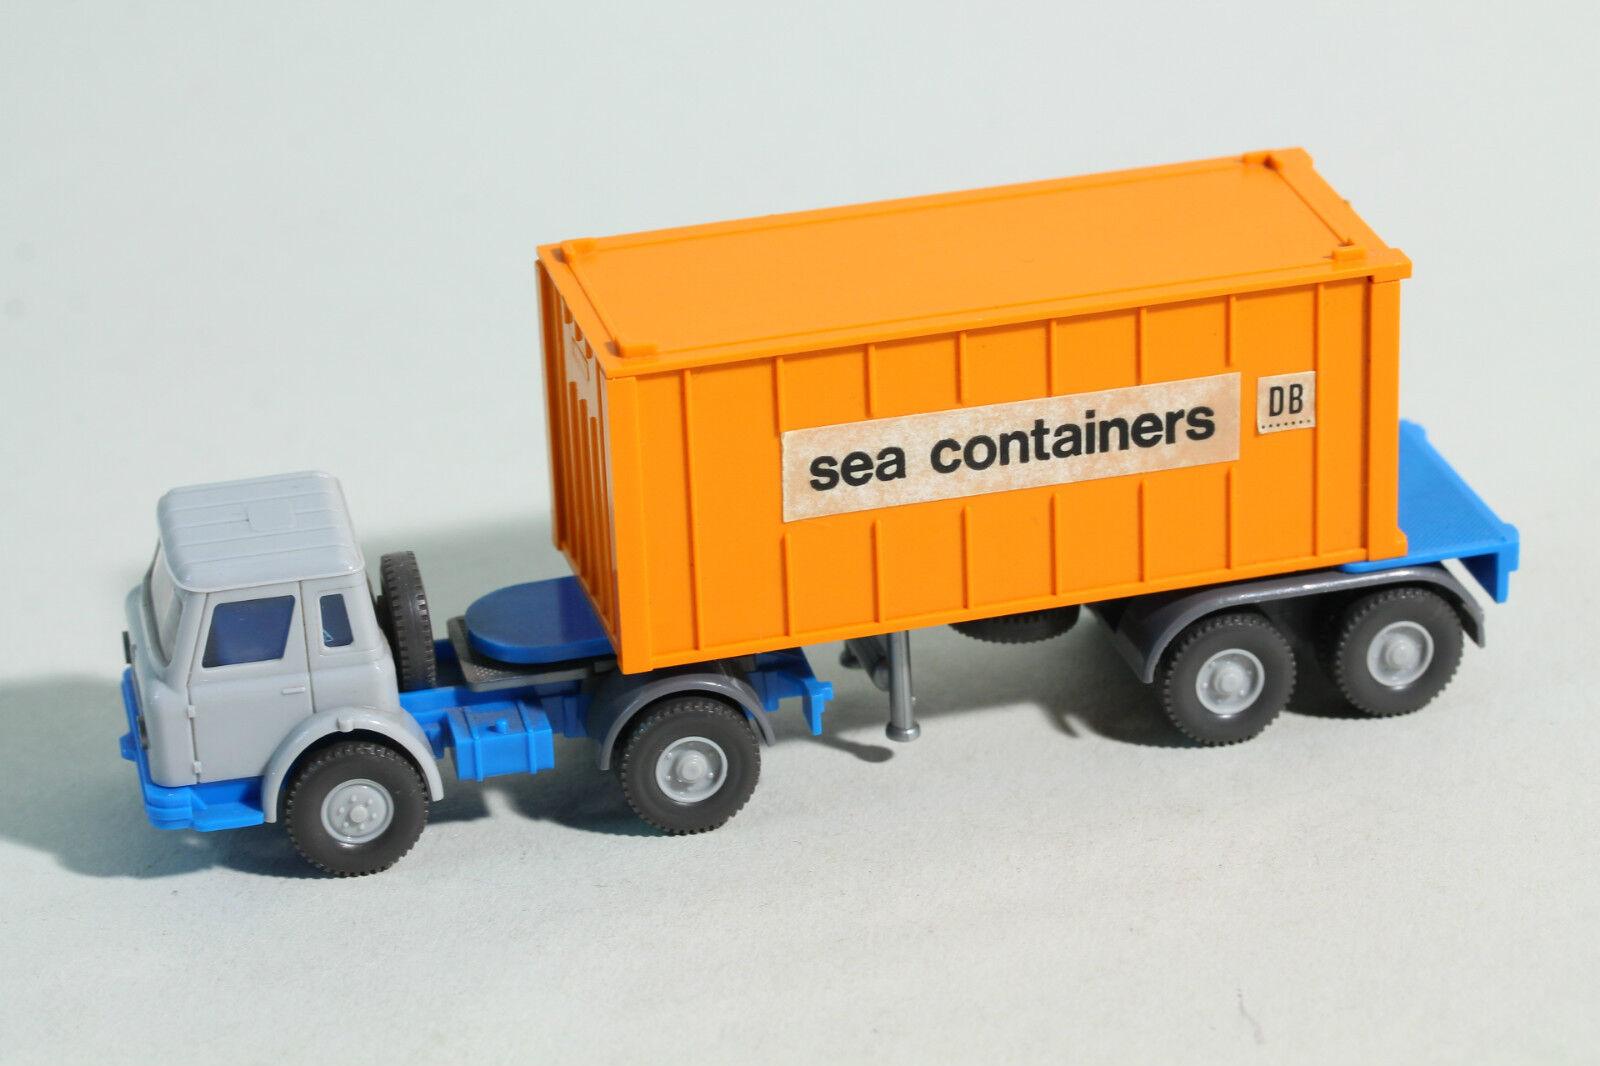 525 Wiking con us tractor y y y  sea containers  en gris plata & naranja decf31